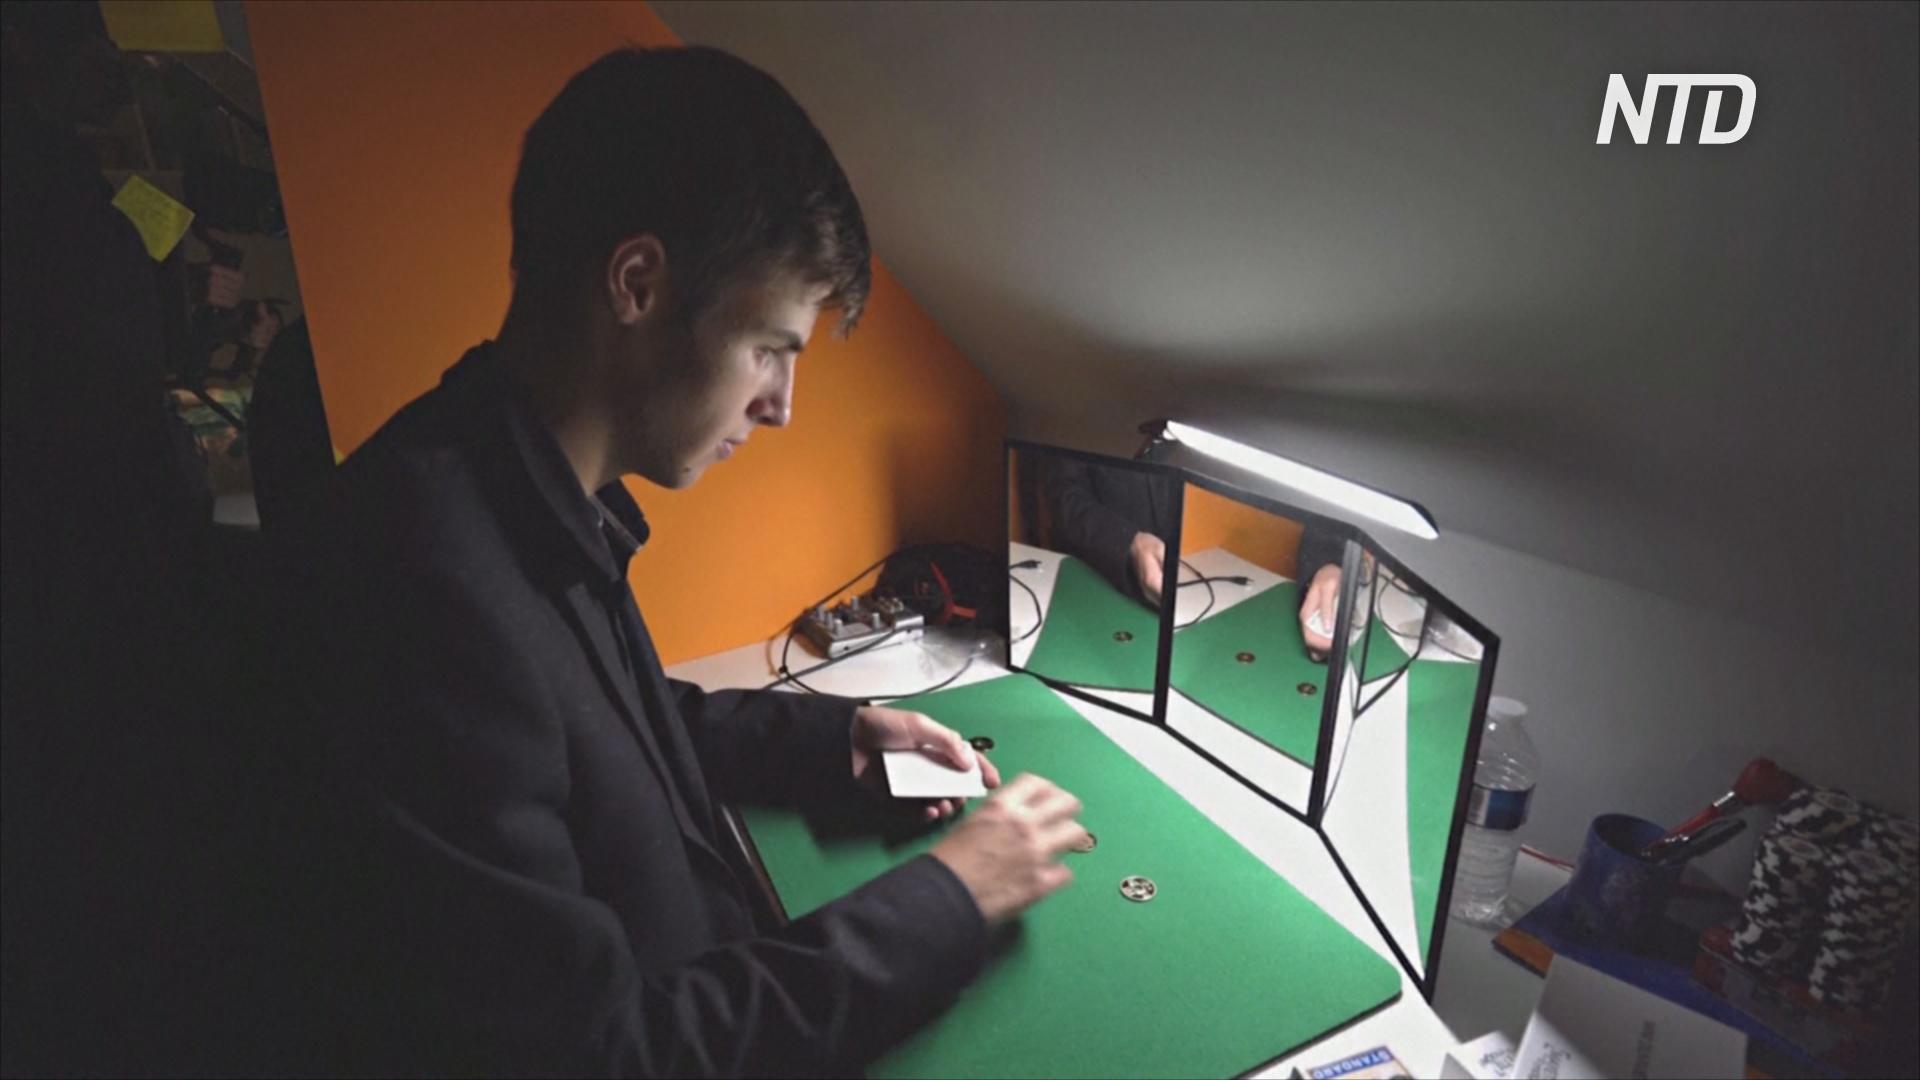 Как стать волшебником: школа магии в Париже обучает иллюзионизму